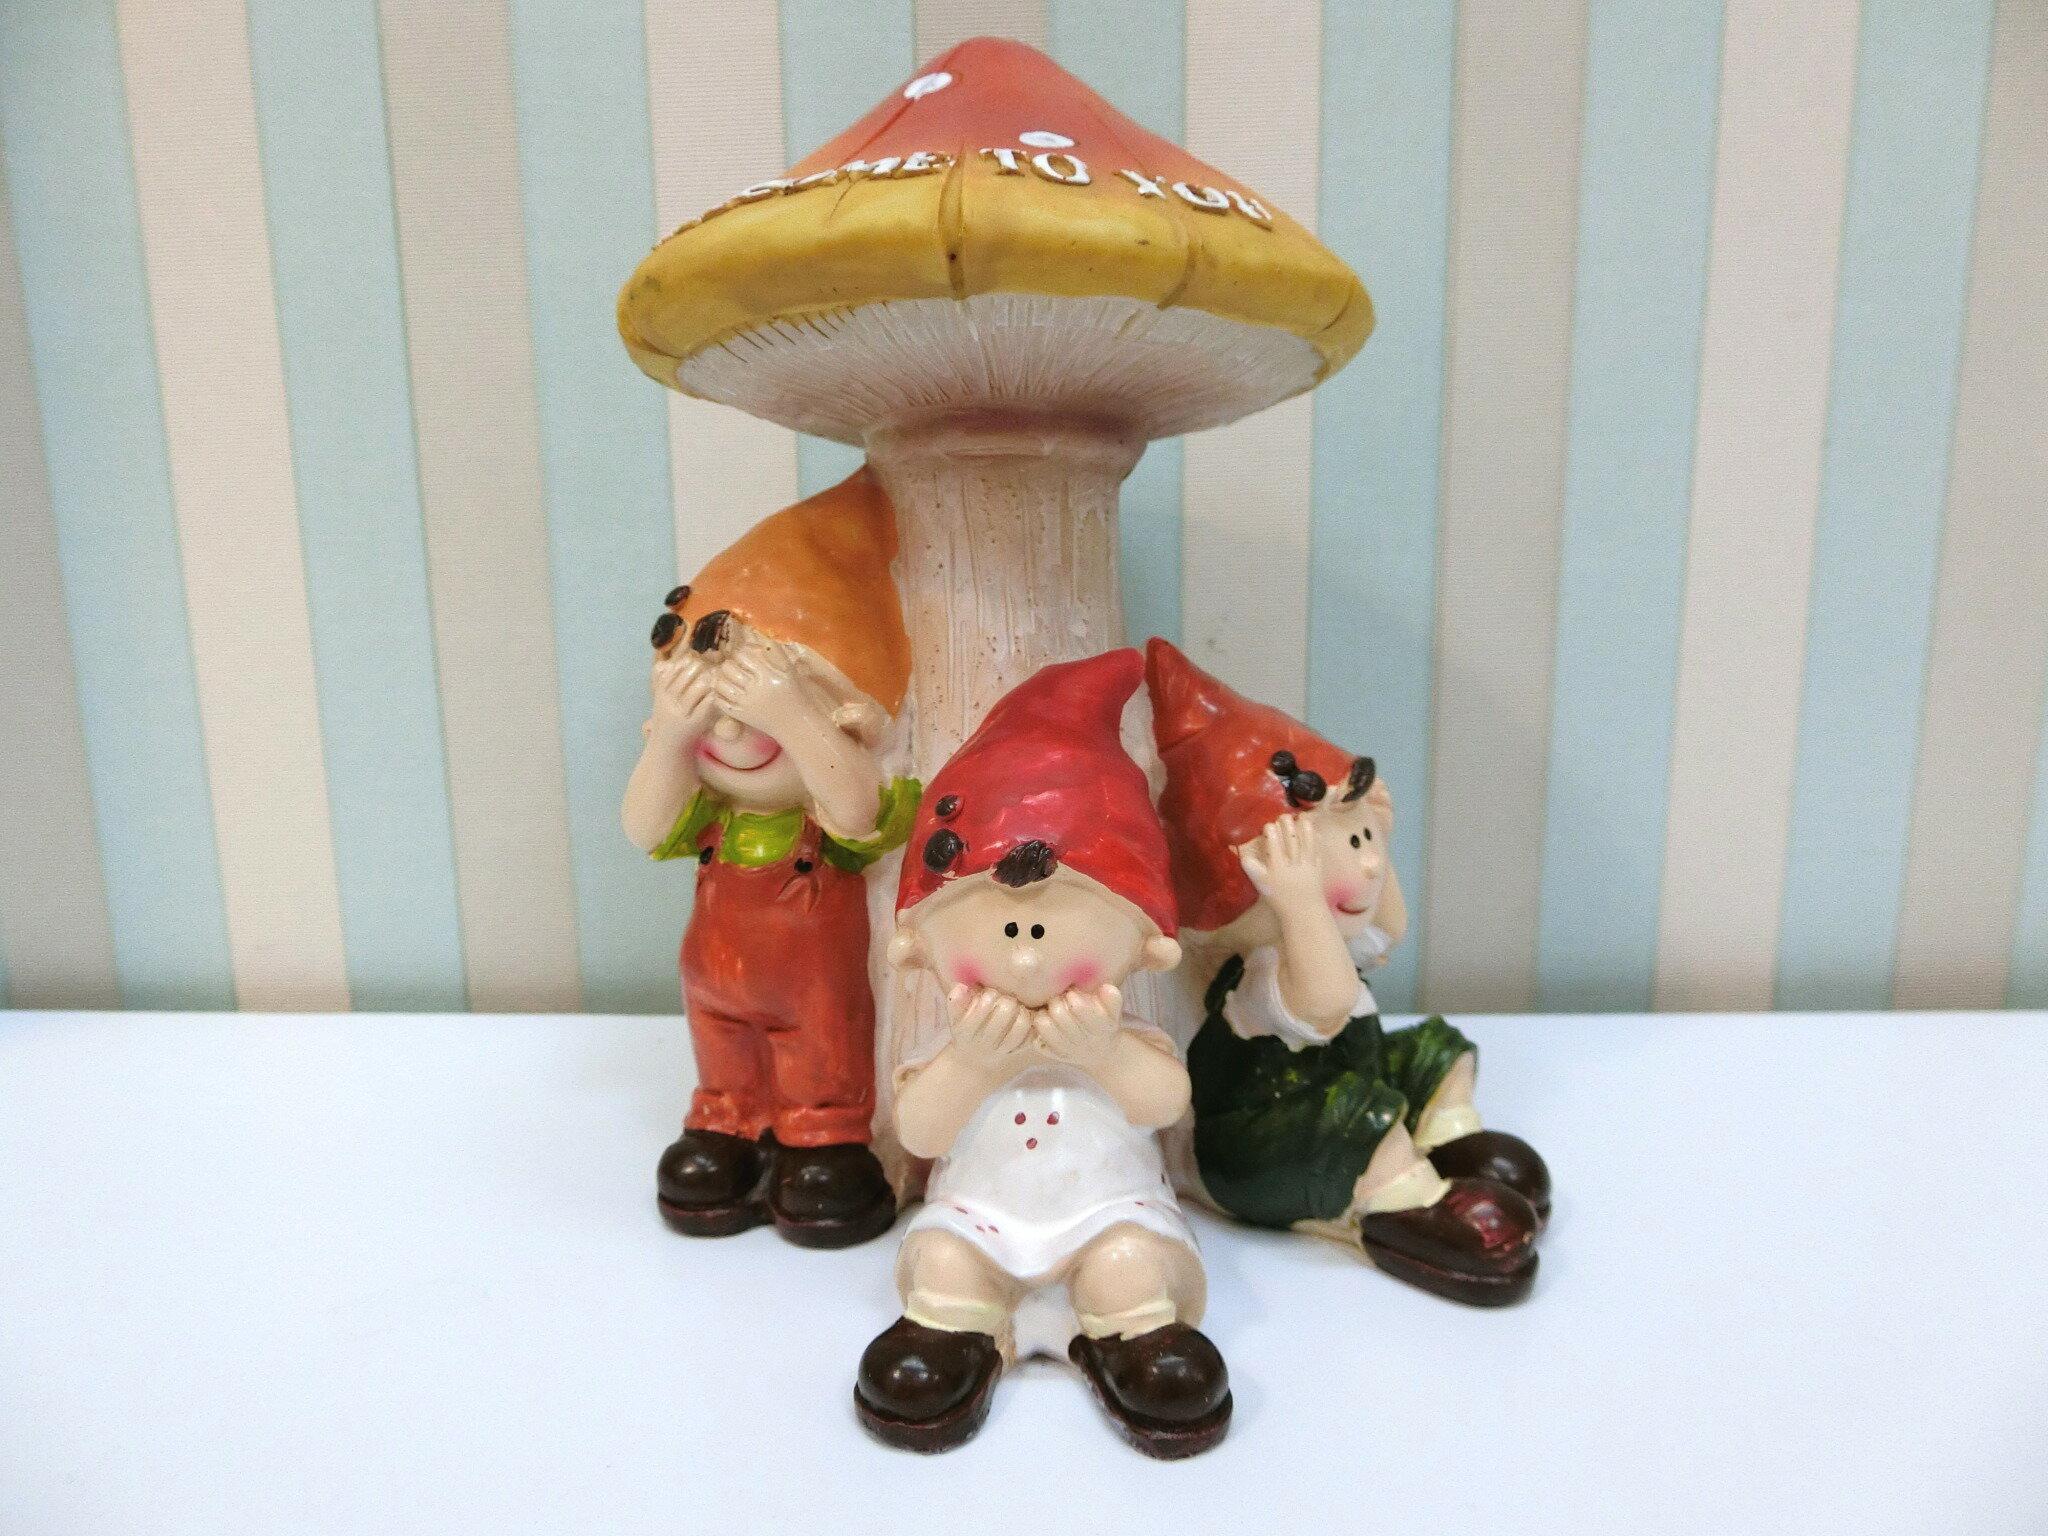 ✰特價✰波麗娃娃擺飾《PL29》鄉村風 蘑菇三不娃娃擺飾 園藝 居家布置 店面裝飾 送禮◤彩虹森林◥